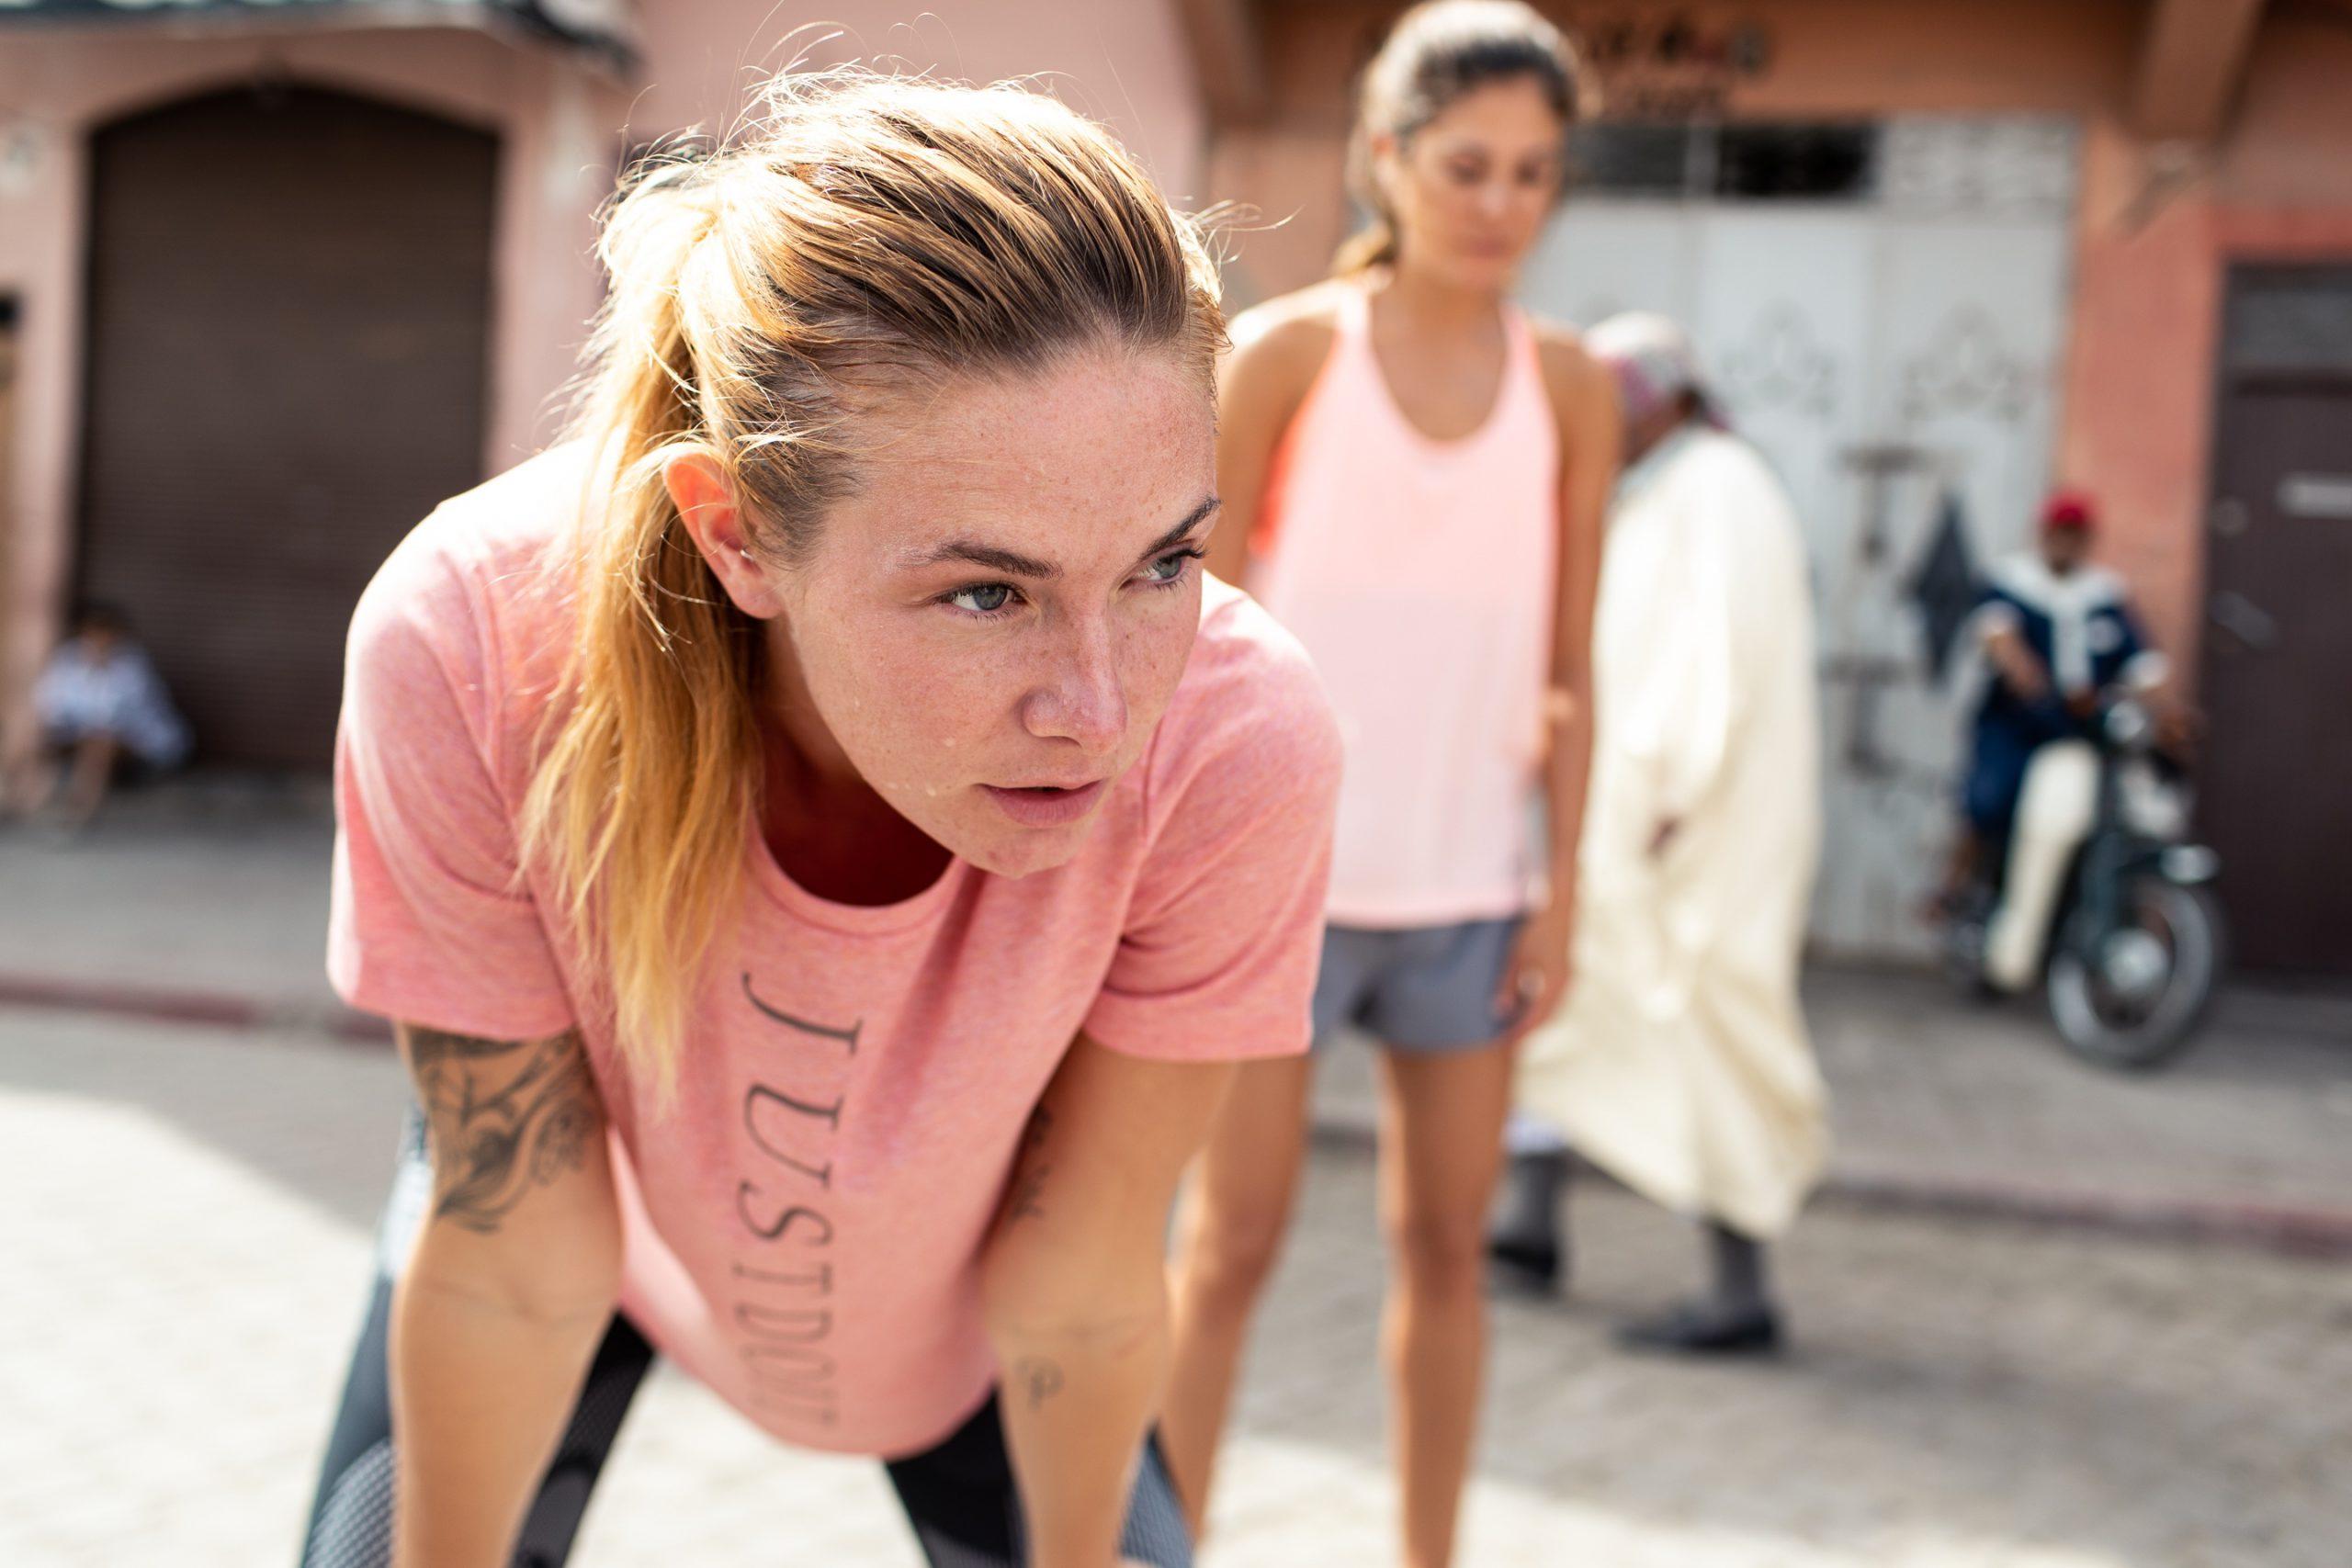 Loslaufen und Durchstarten - 8 Tipps wie du dich zum Laufen motivierst